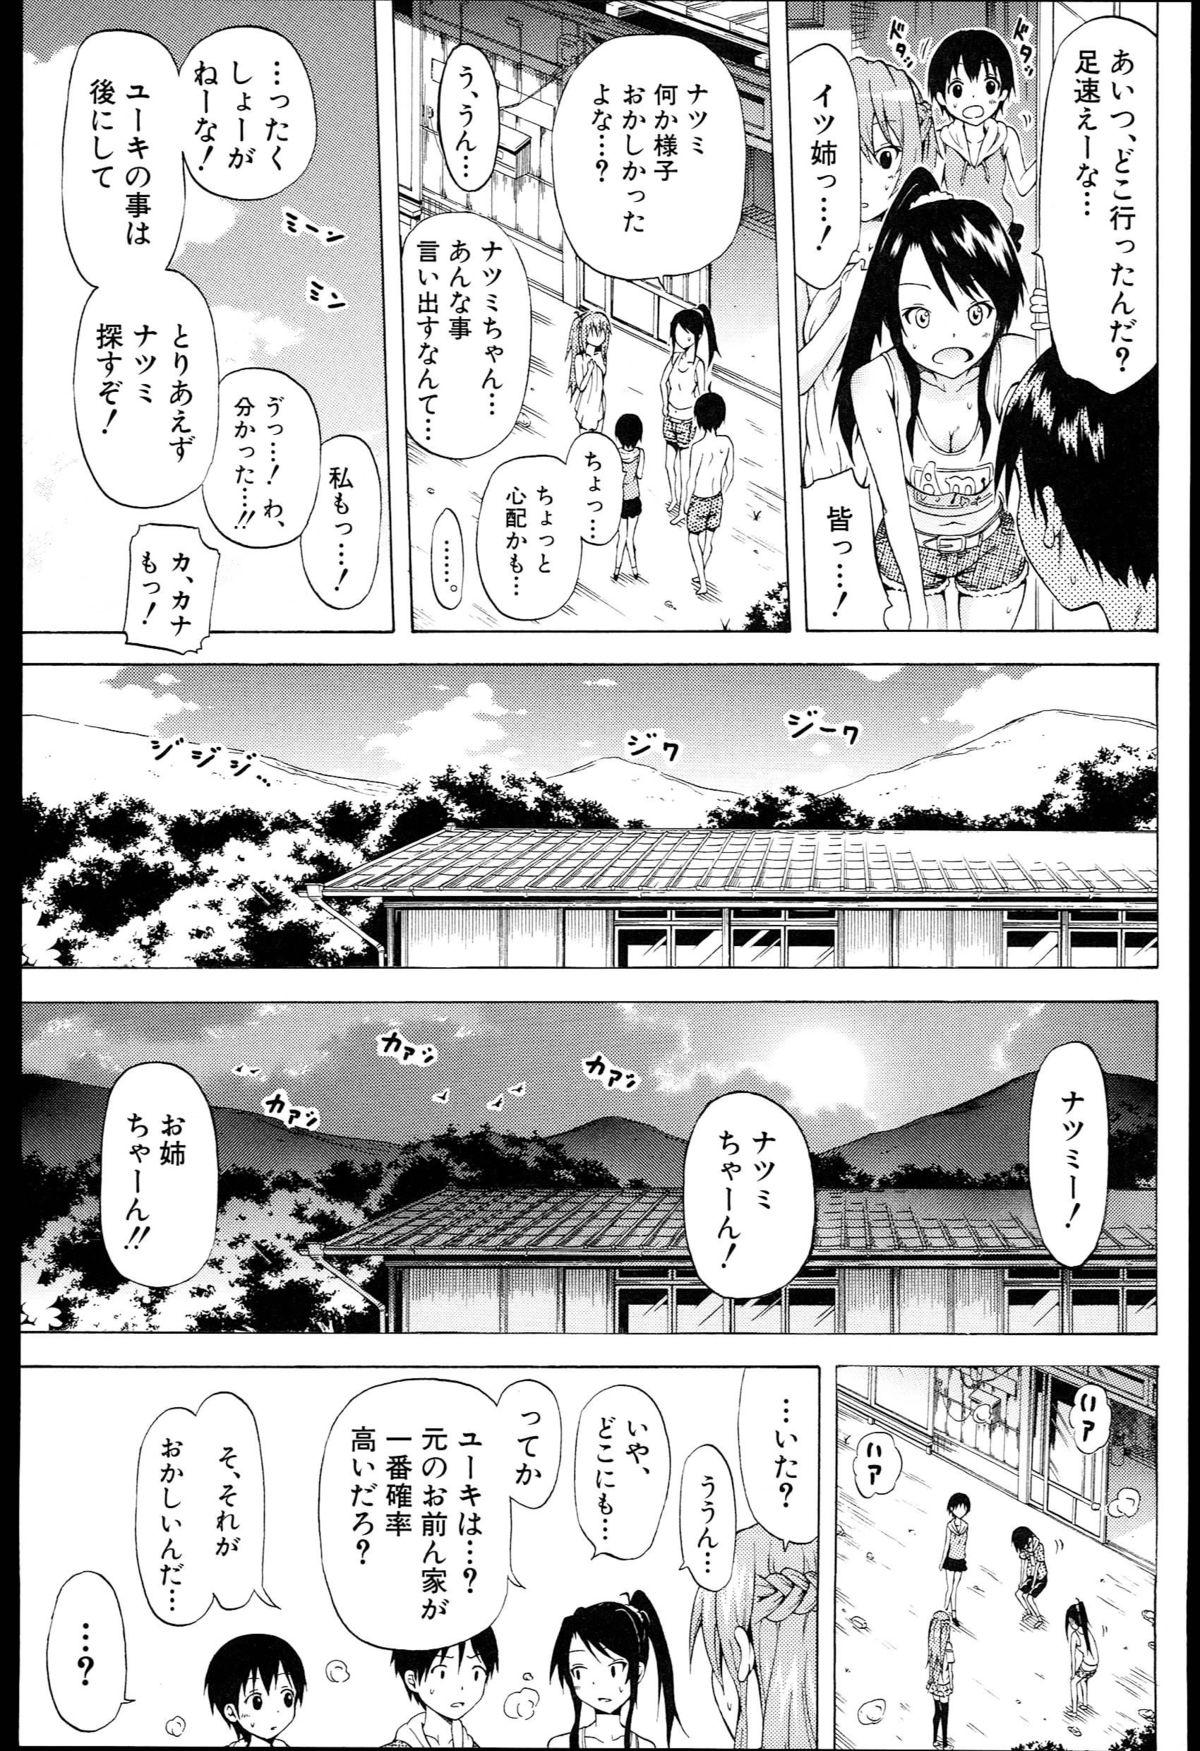 Natsumitsu x Harem + Melonbooks Gentei Shousasshi 163